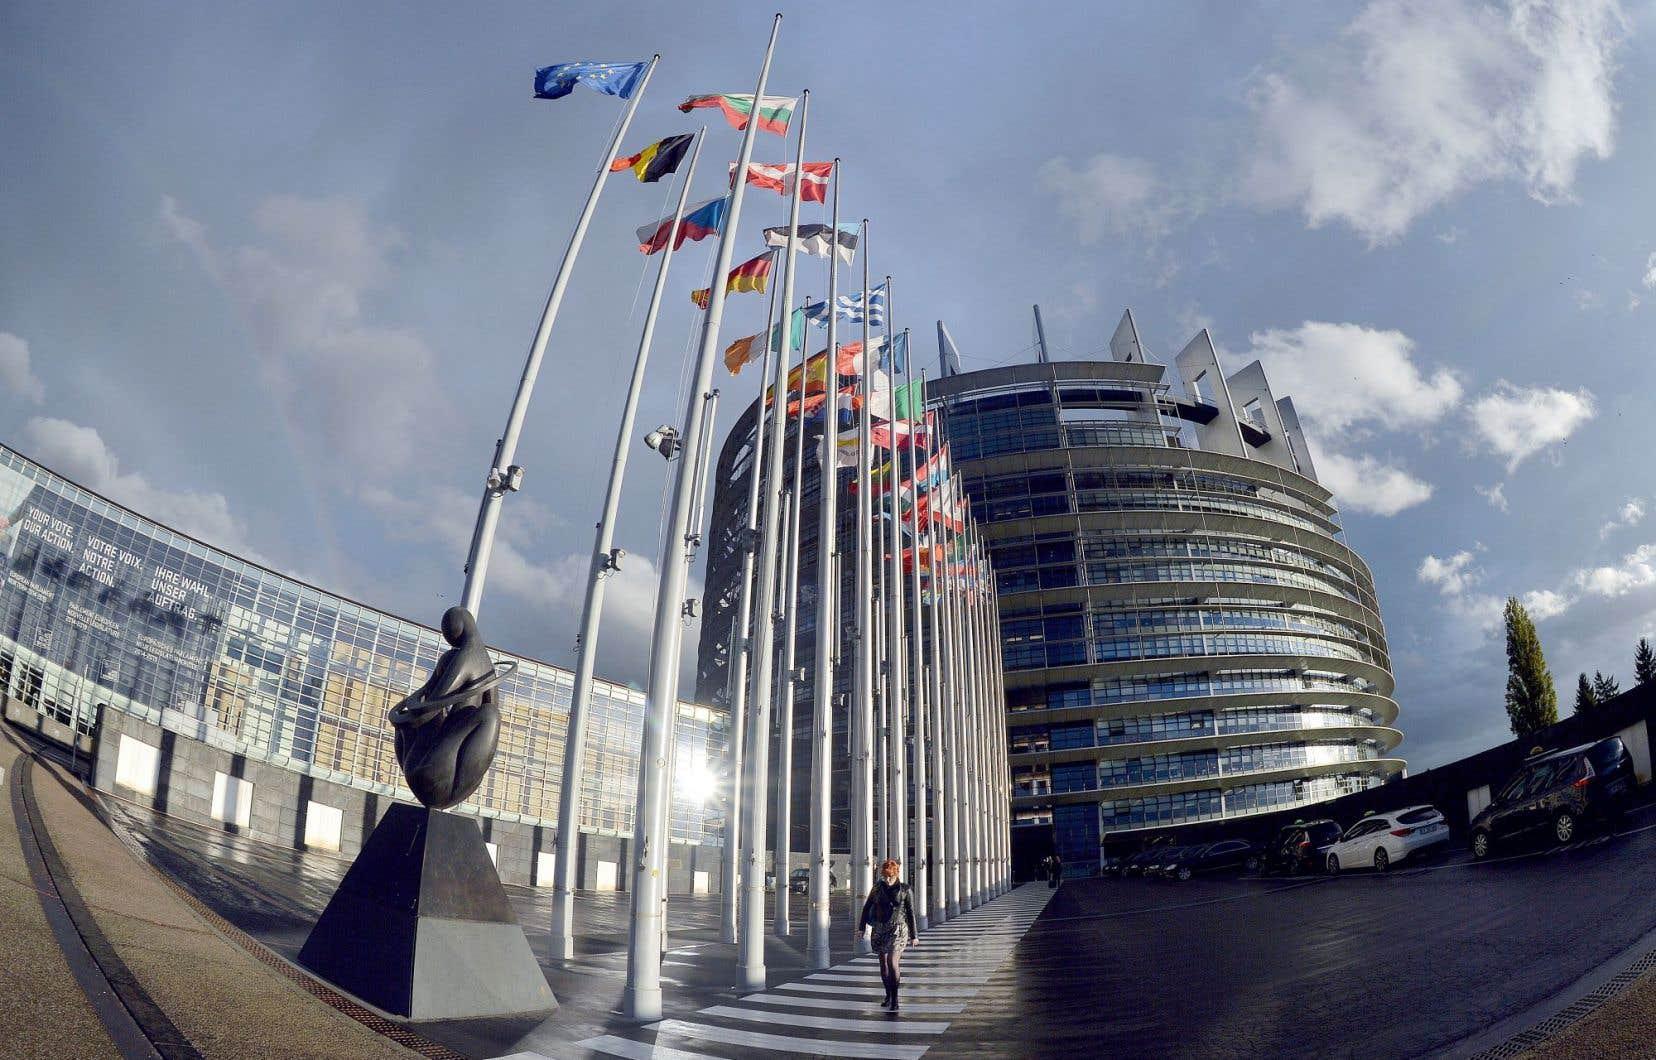 Le parlement européen à Strasbourg. L'accord de libre-échange que le Canada a négocié avec l'Union européenne continue de créer des remous outre-Atlantique, de nombreux députés européens jugeant sévèrement les tribunaux ad hoc chargés d'arbitrer les différends commerciaux.